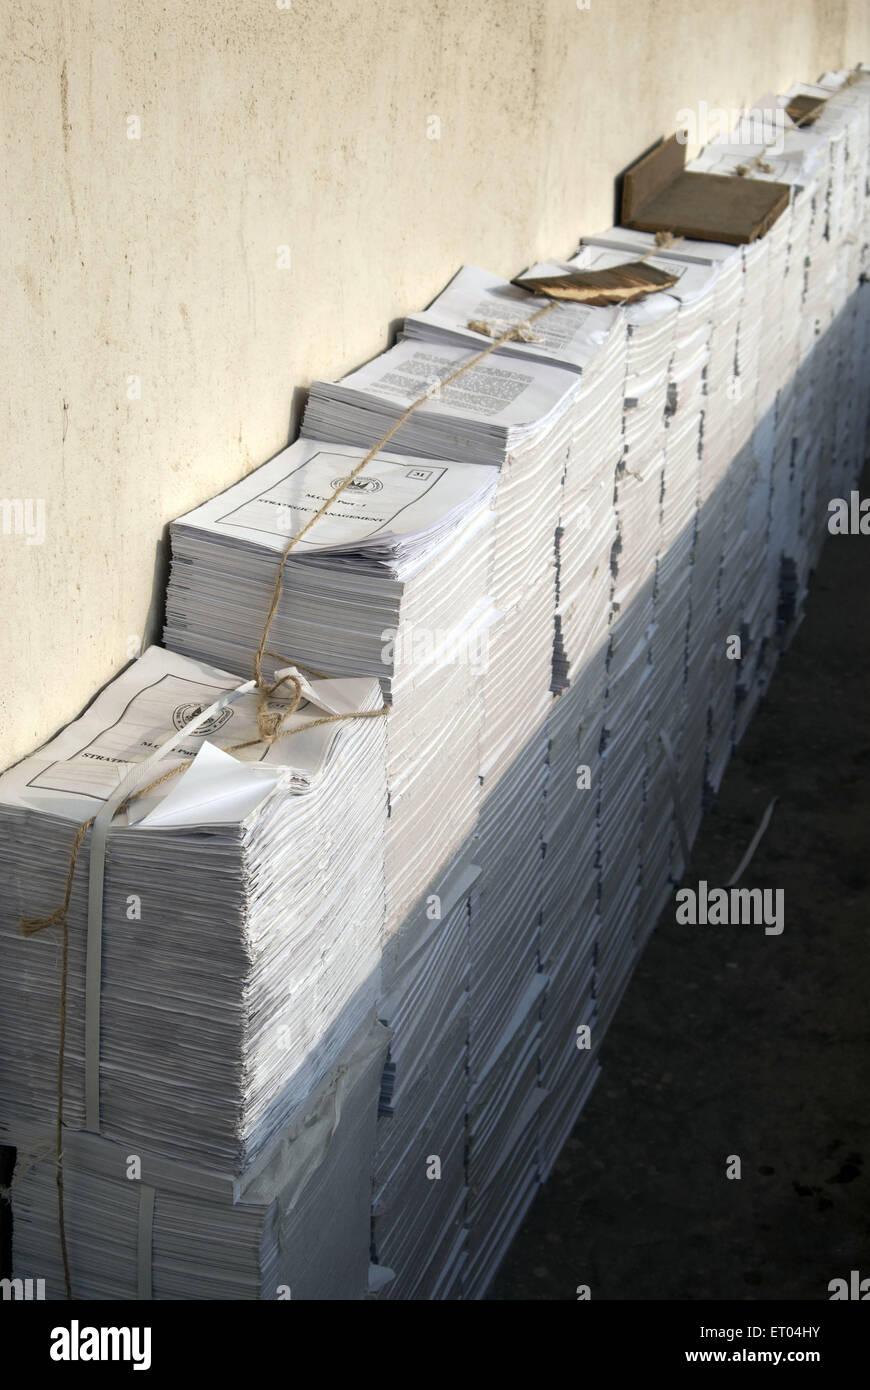 Documents imprimés empilés dans zone industrielle/balcon de Mumbai Inde Photo Stock